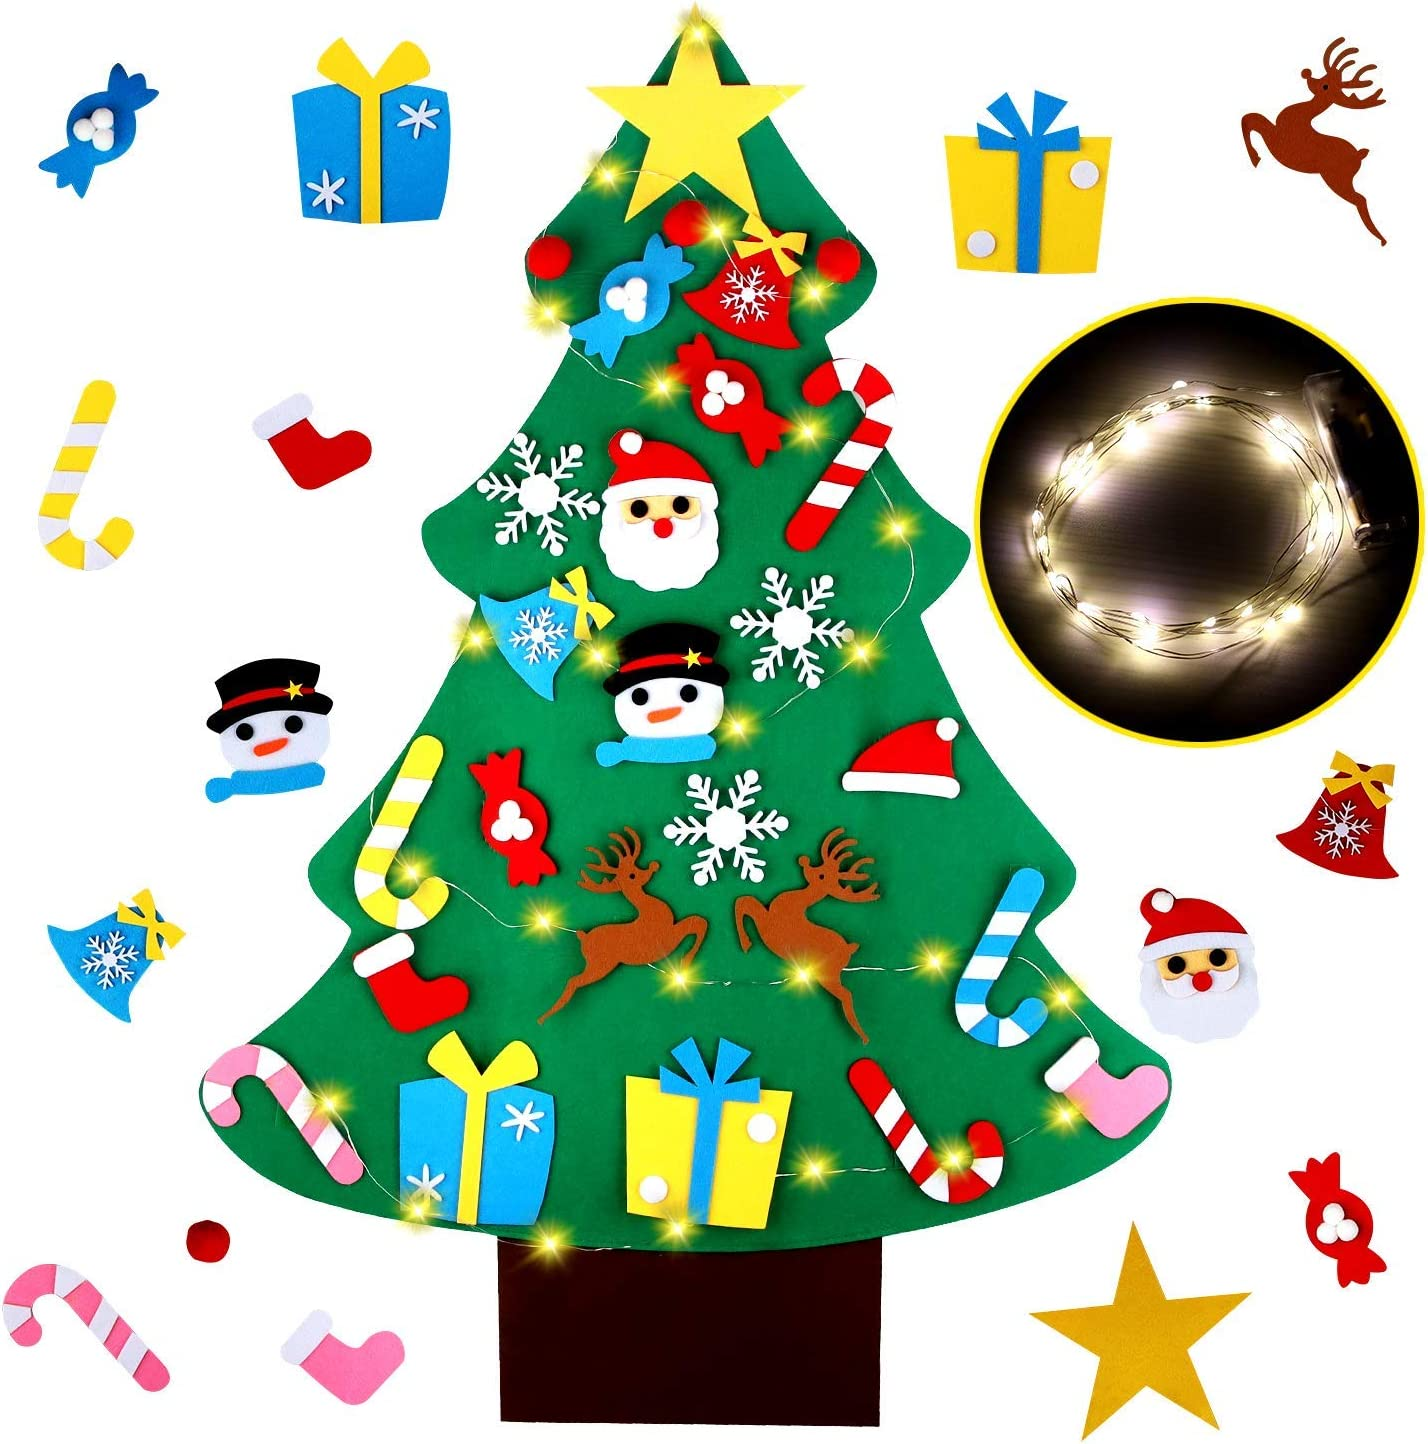 EKKONG Árbol de Navidad De Fieltro, Árbol Rbol De Fieltro de Bricolaje con Luces Led de Cadena+ los Ornamentos Desmontables 26pcs, Regalos Colgantes para Las Decoraciones de la Navidad